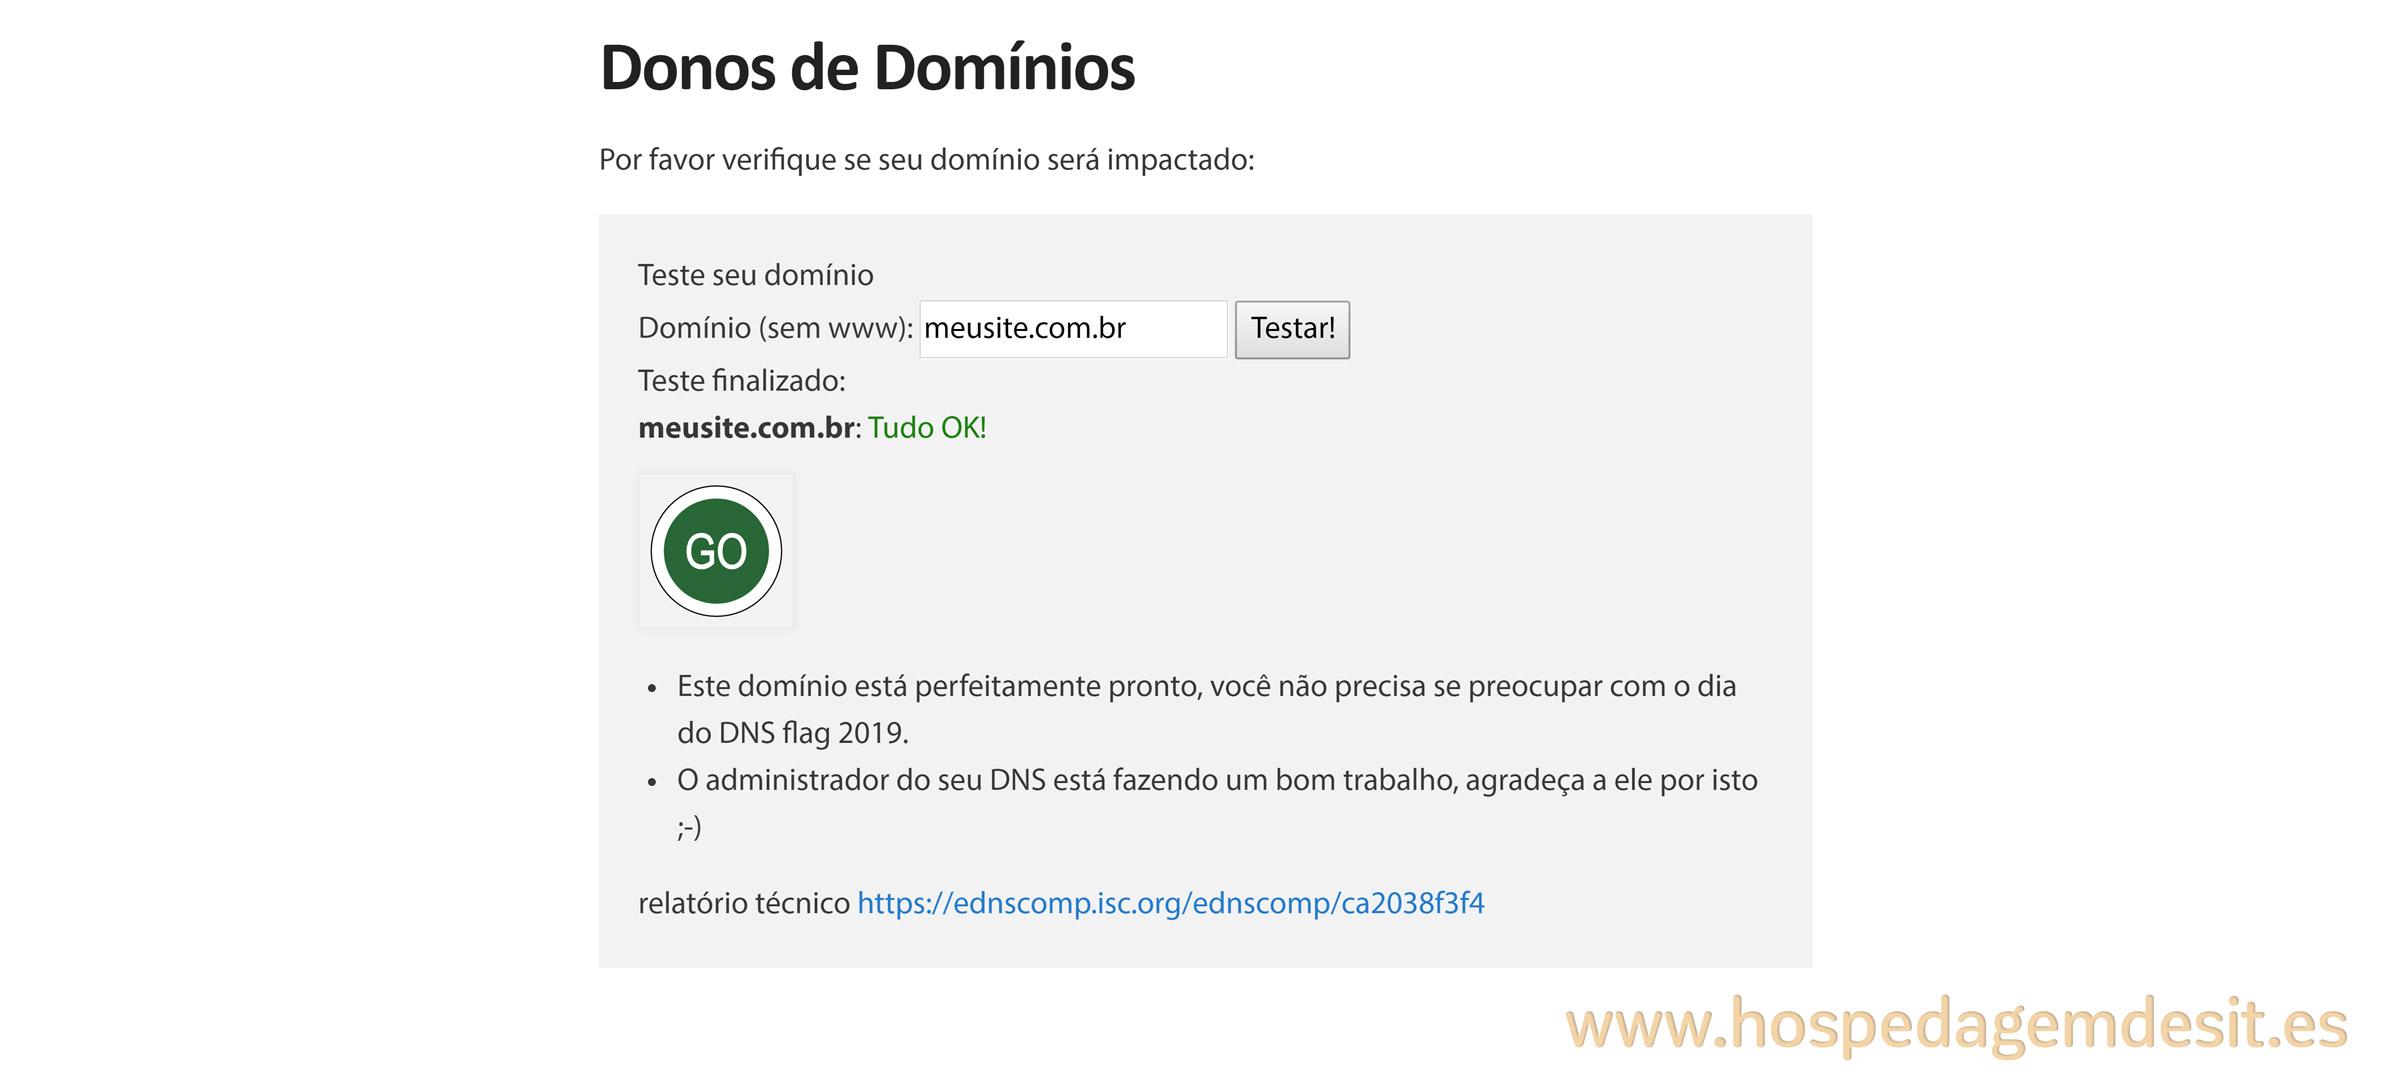 dnsflagday dominio com servidor ok